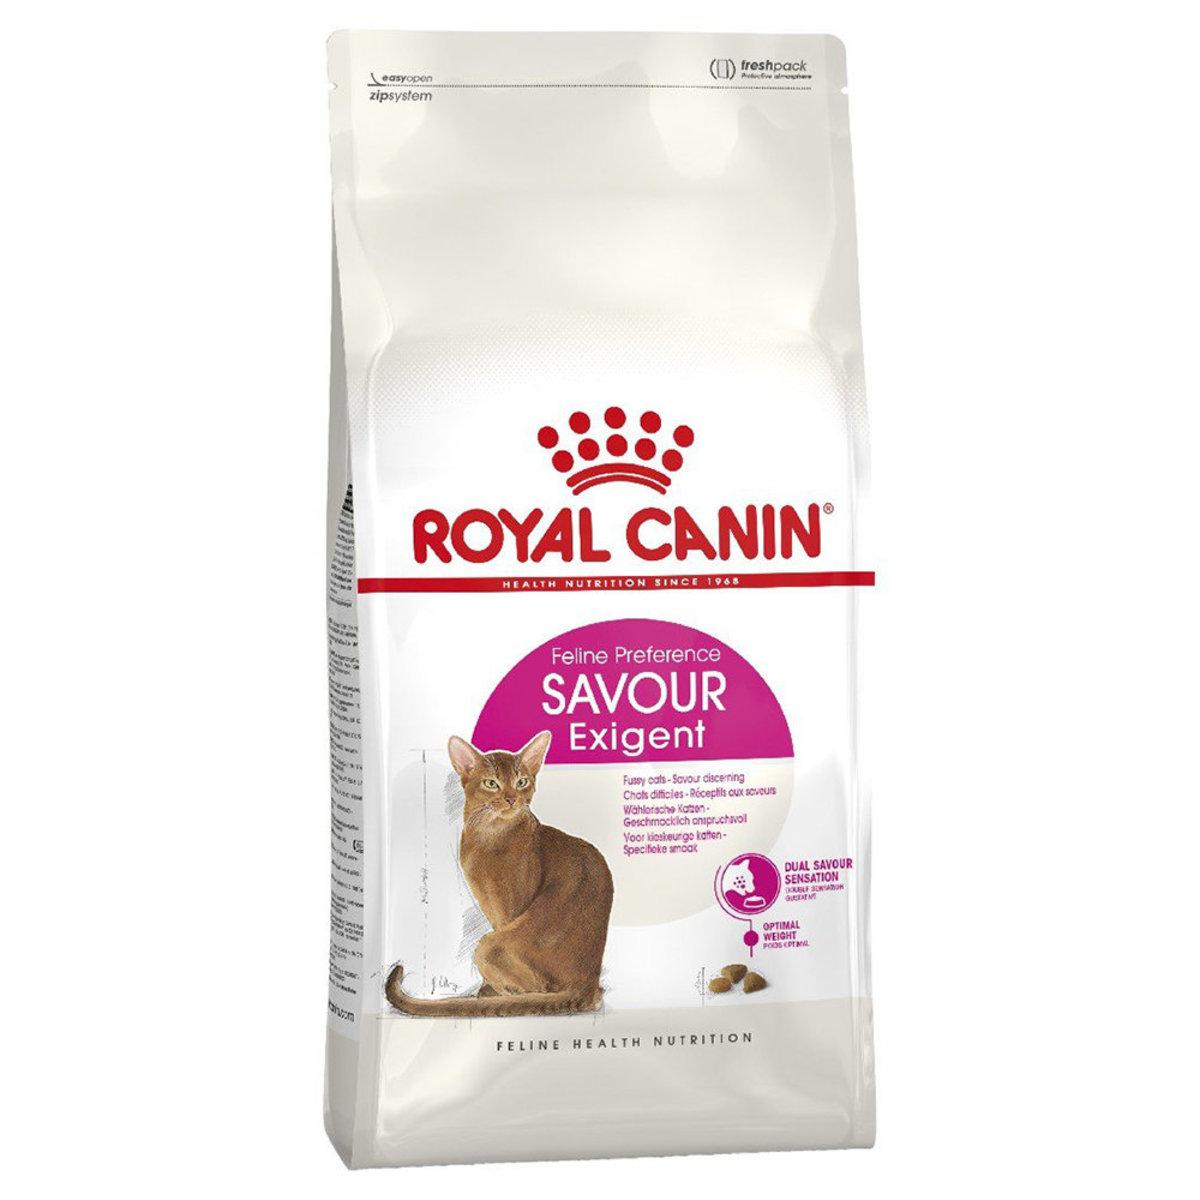 FHN Feline Preference Savour Exigent Dry Cat Food 2kg